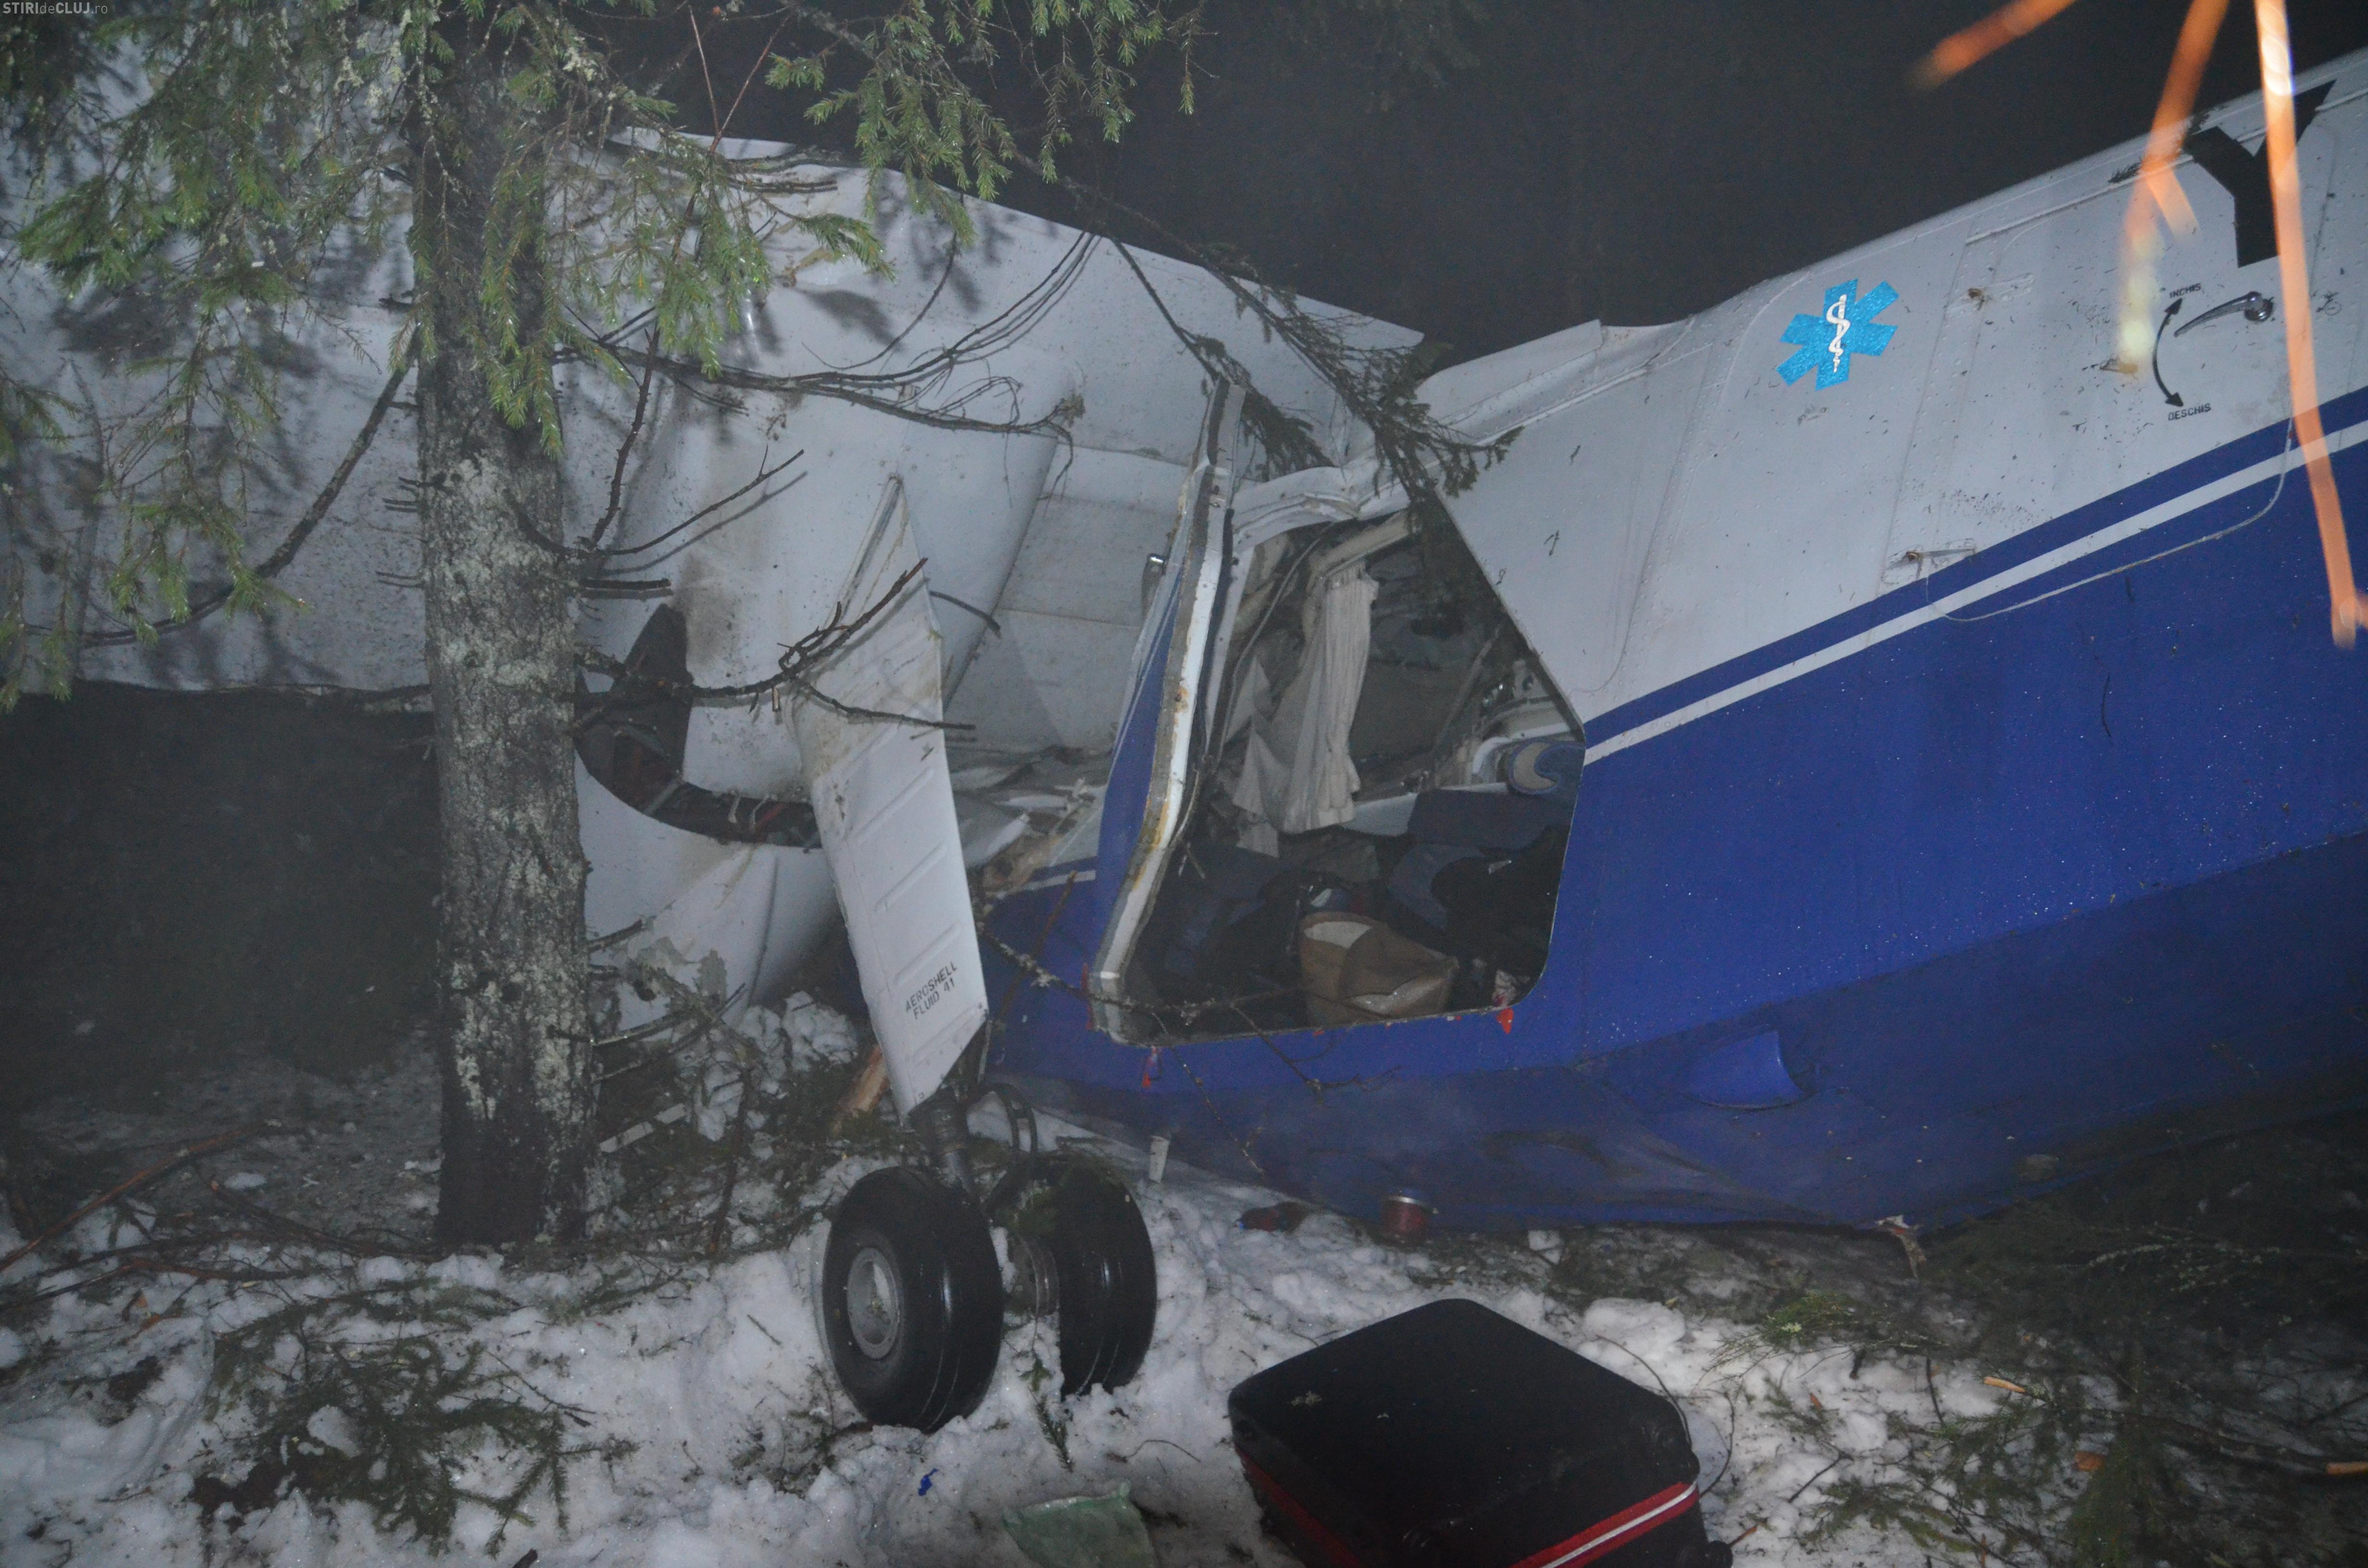 Mărturie ȘOC: Primii salvatori au ajuns la epava avionului cu mâinile în buzunar. Medicul Radu Zamfir s-a IRITAT